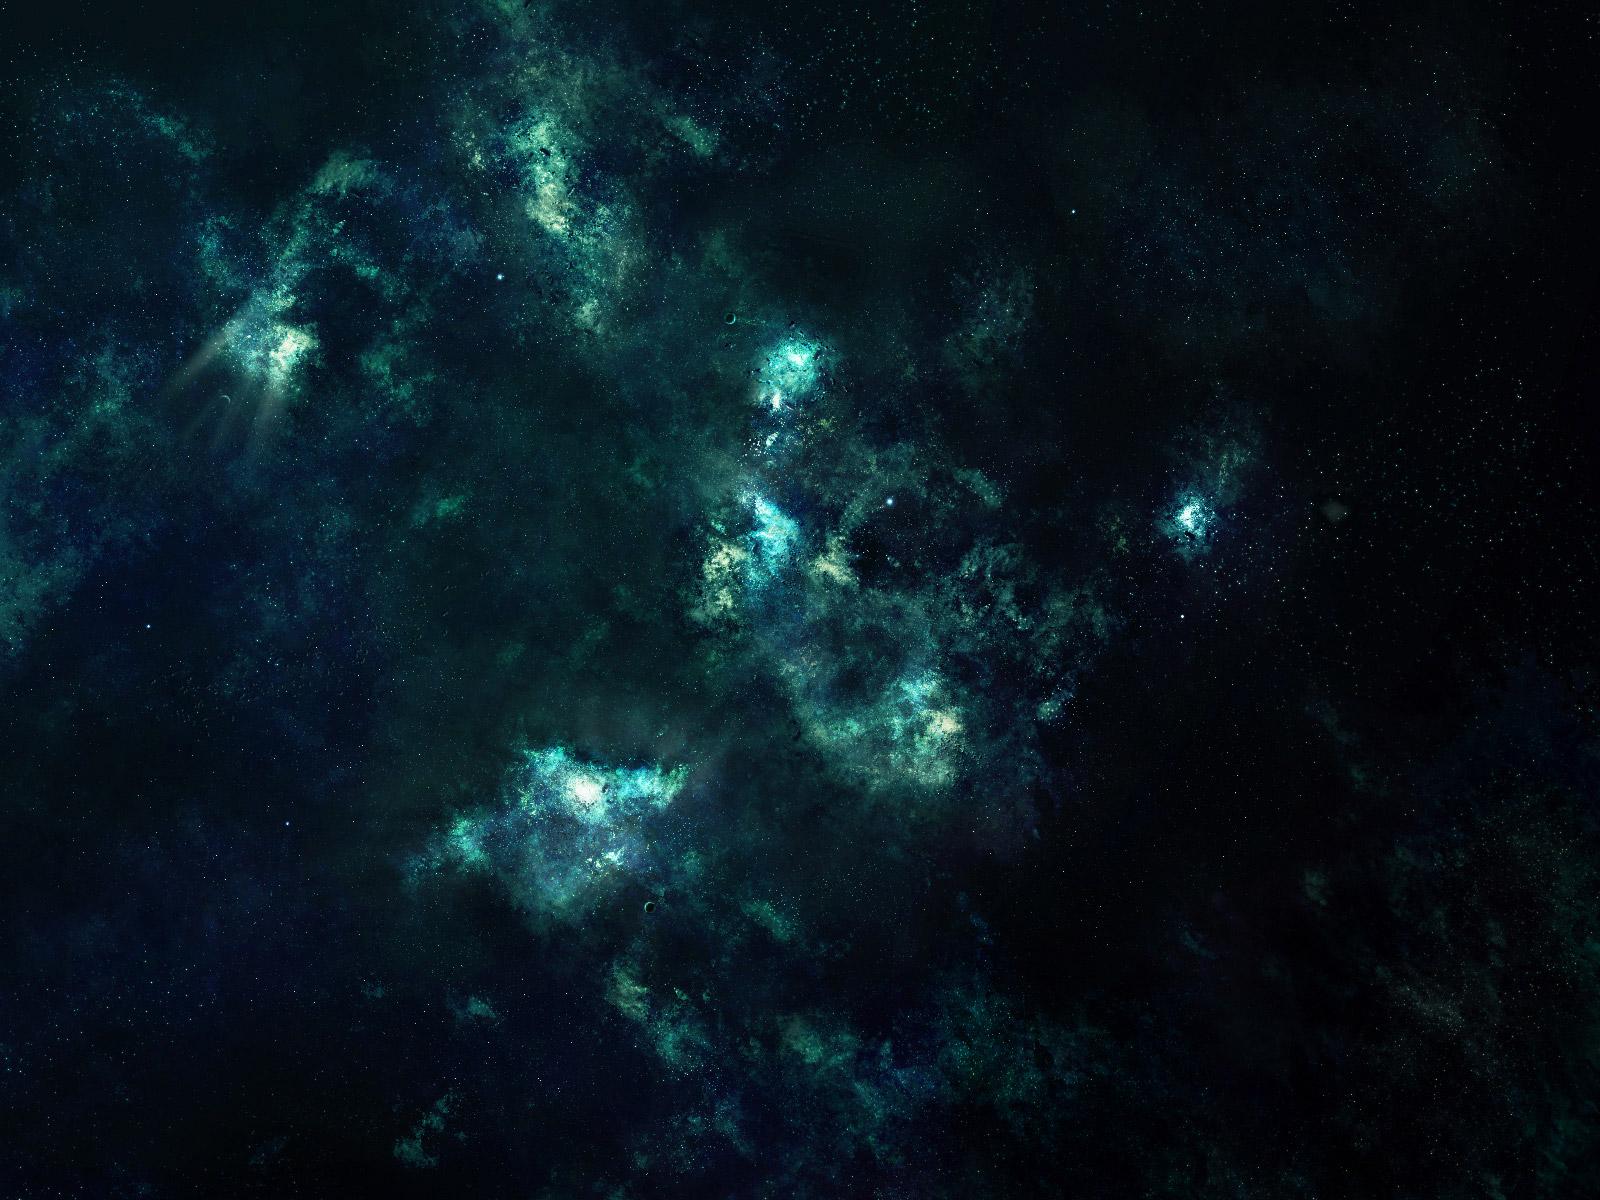 Basik ru обои на рабочий стол космос